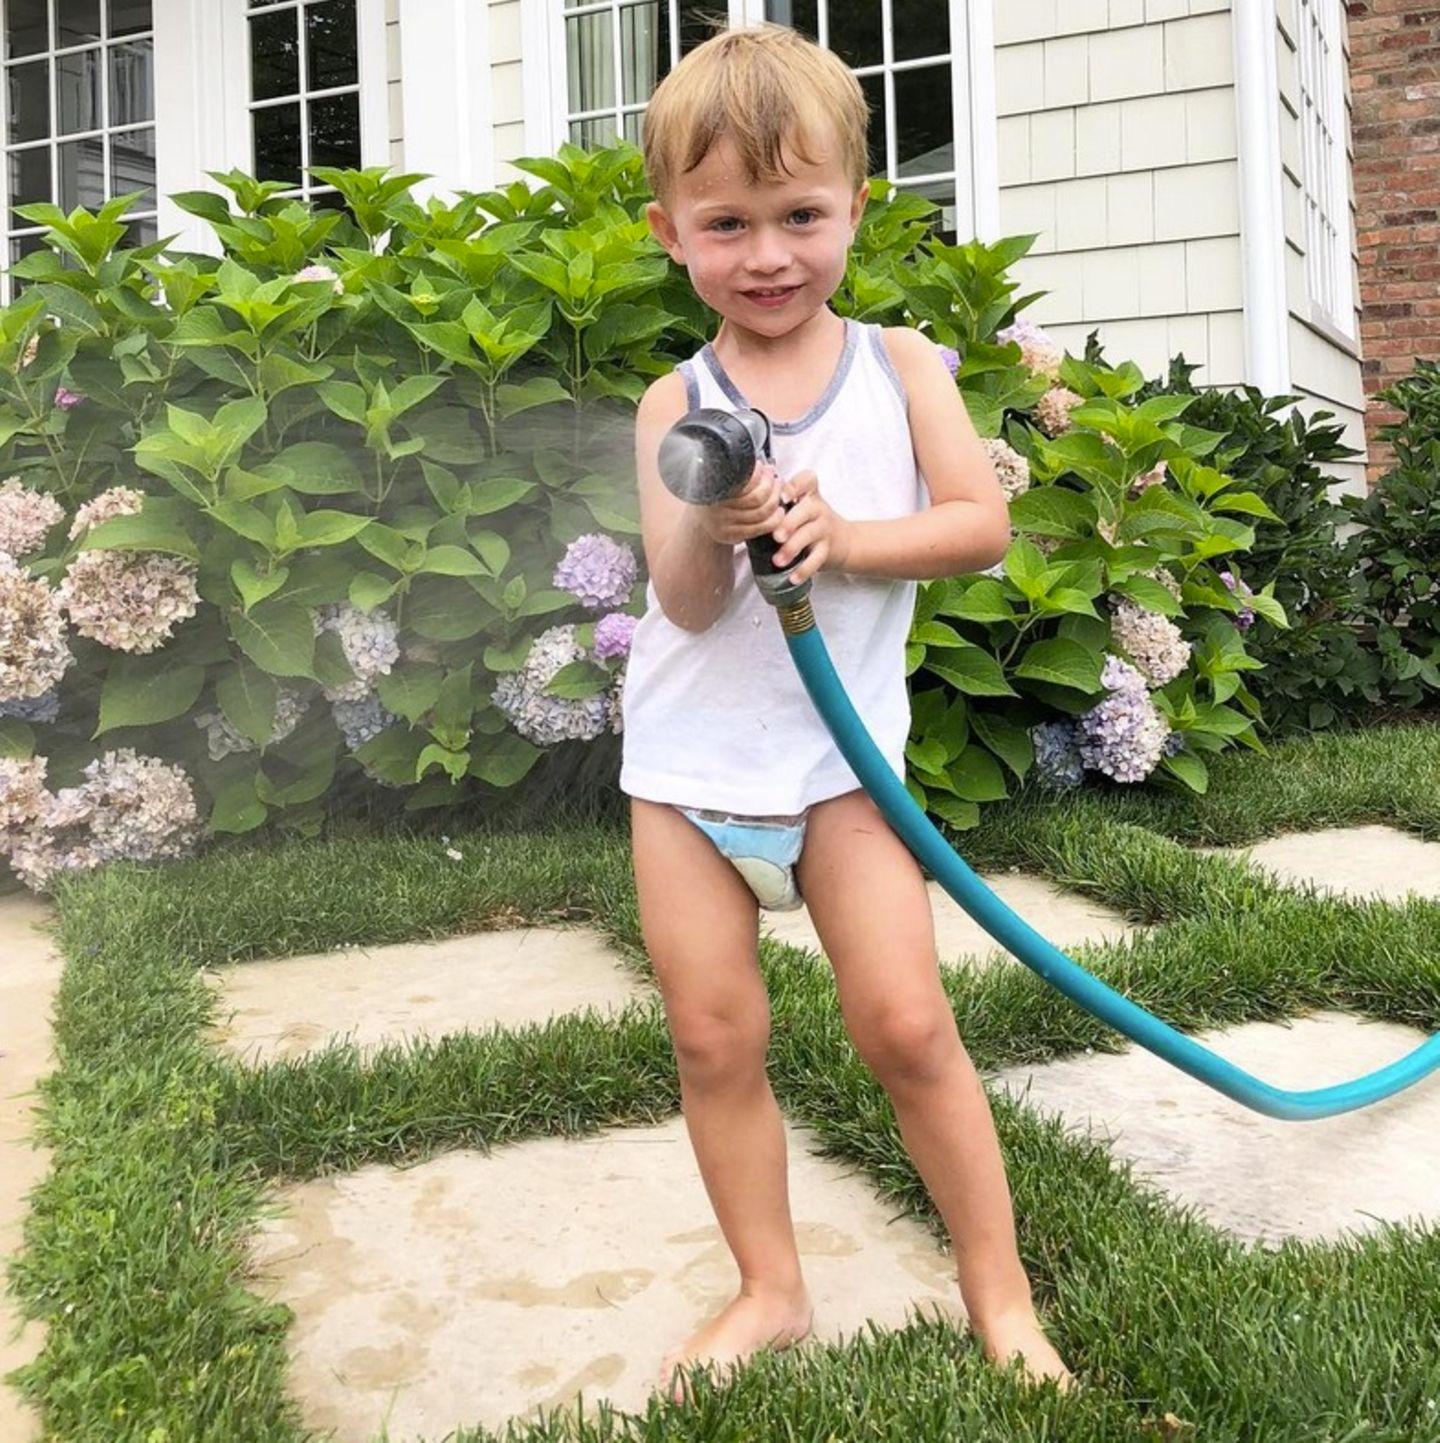 25. Juli 2018  Rafael Thomas hat alles im Griff. Der Sprössling von Hilaria und Alec Baldwin bewässert den Garten. Bei den Temperaturen auch genau das Richtige.